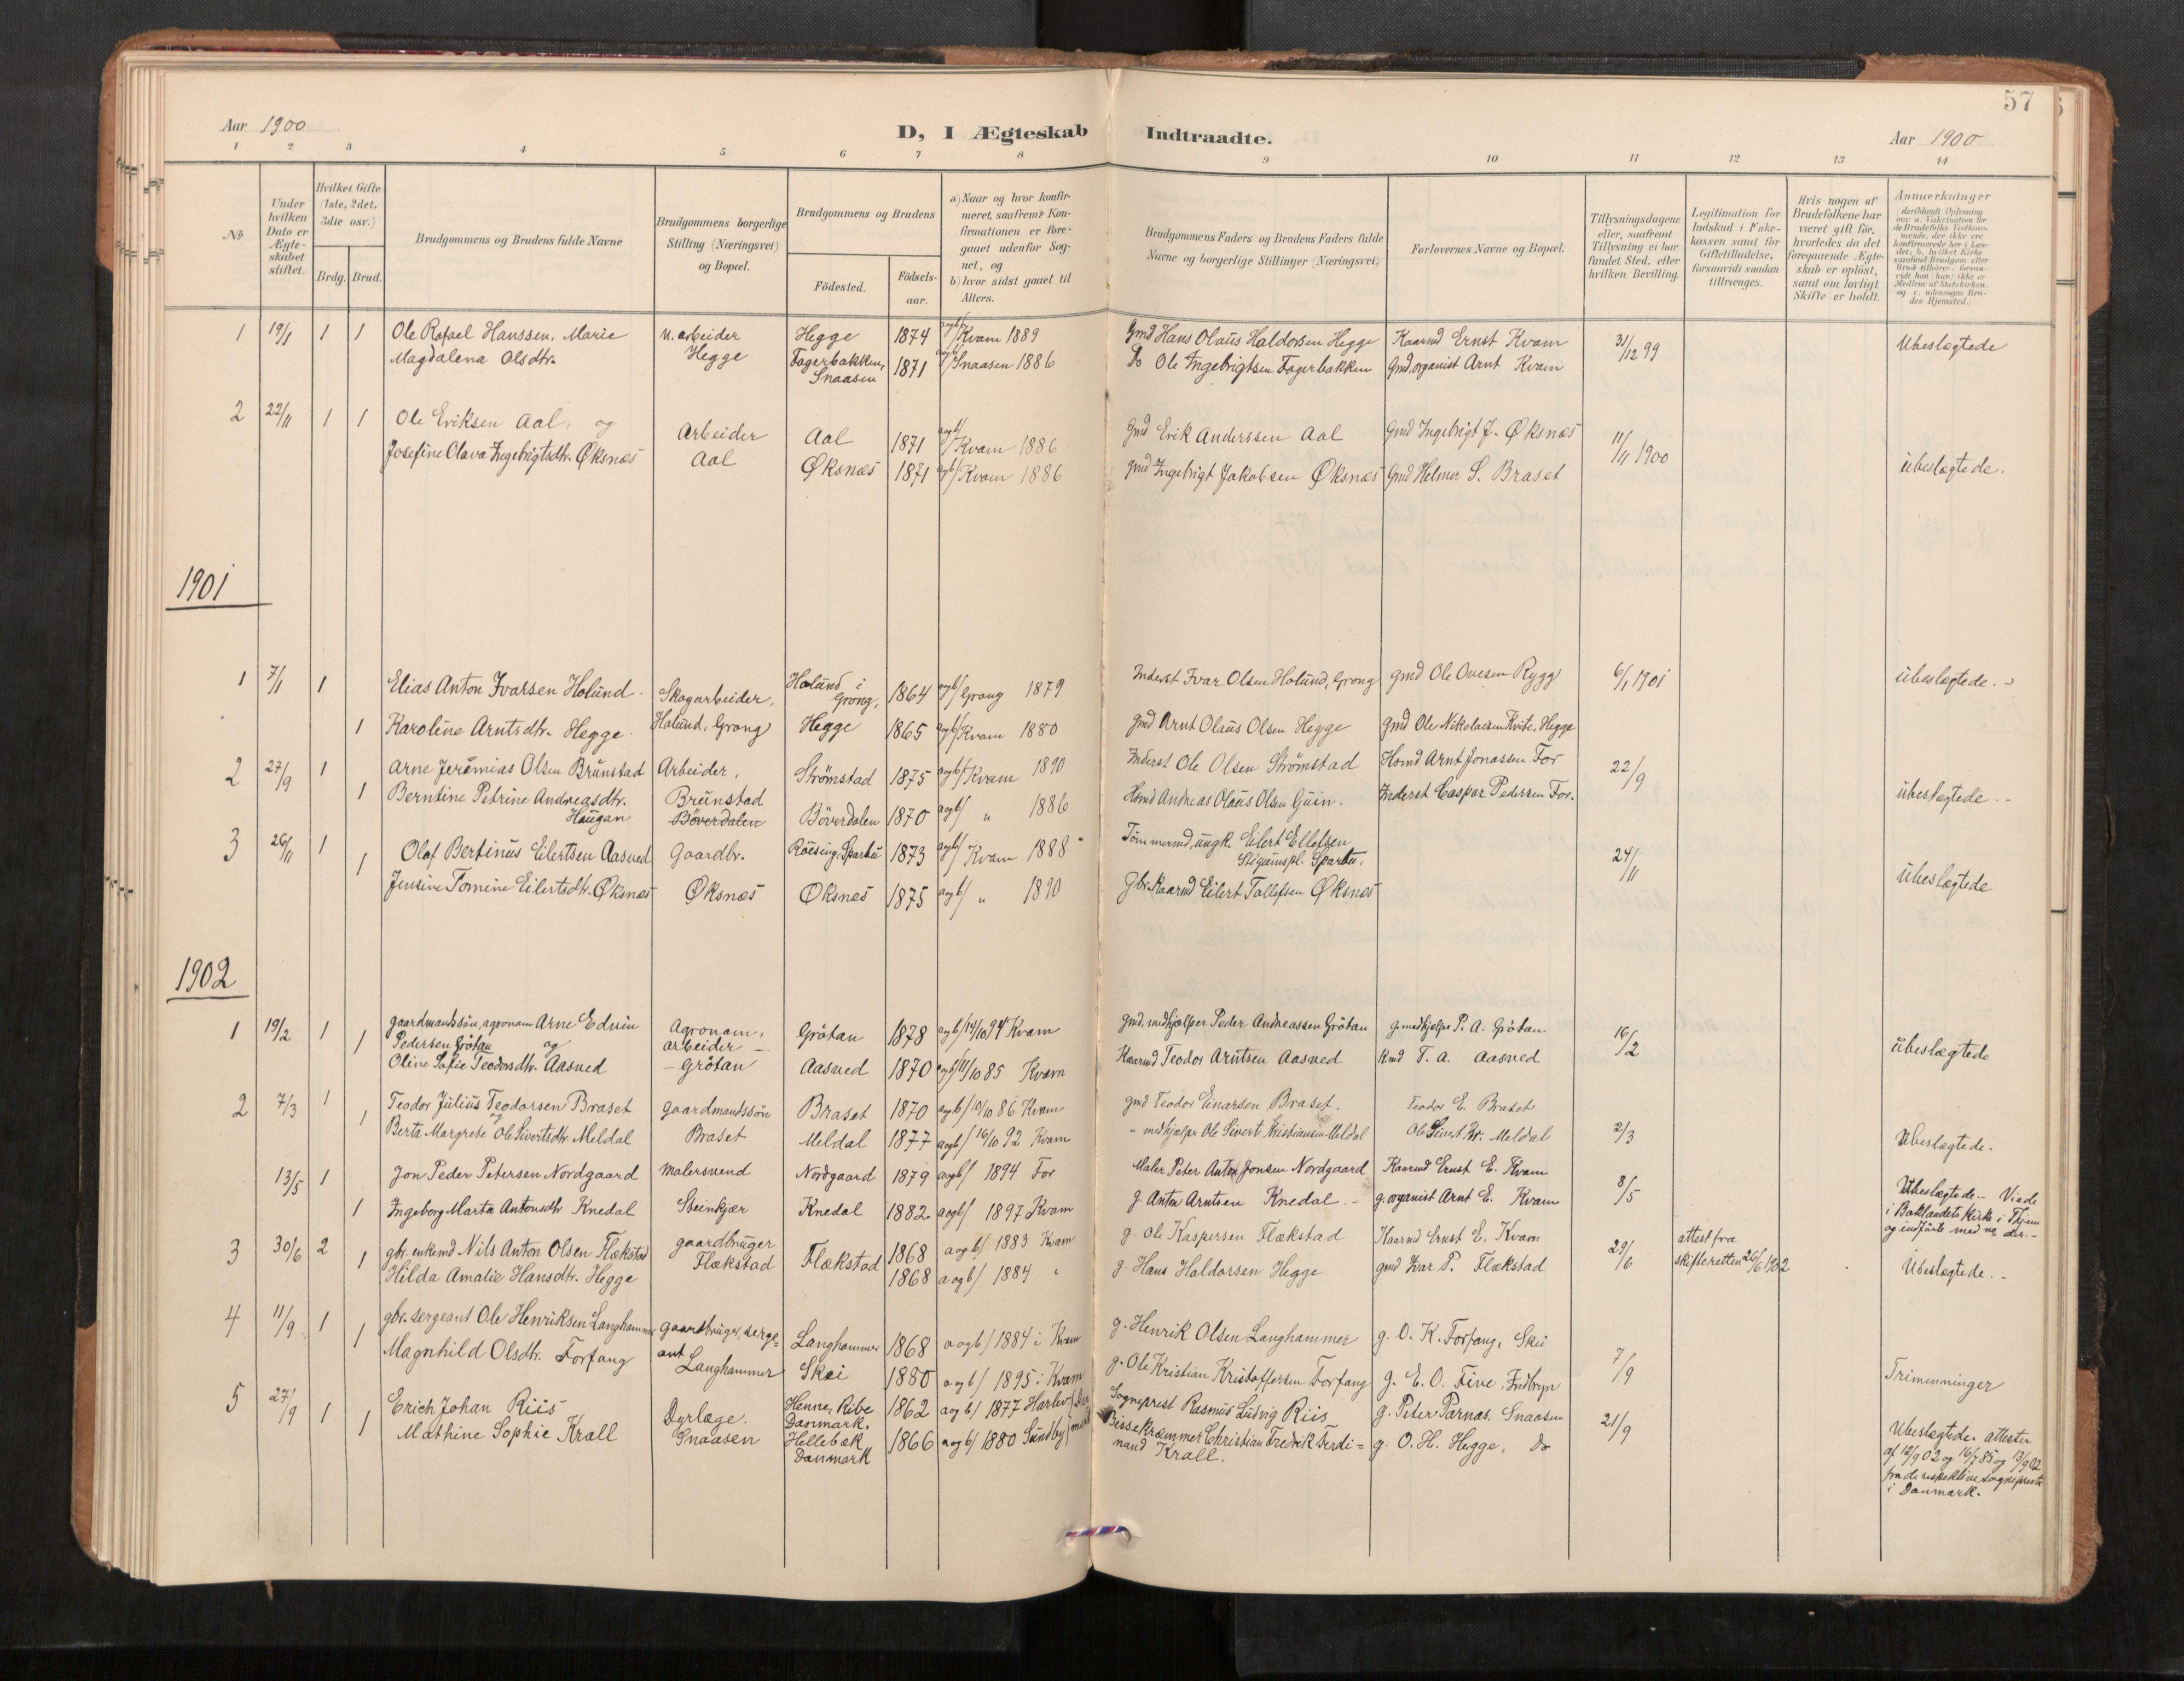 SAT, Stod sokneprestkontor, I/I1/I1a/L0001: Parish register (official) no. 1, 1900-1912, p. 57